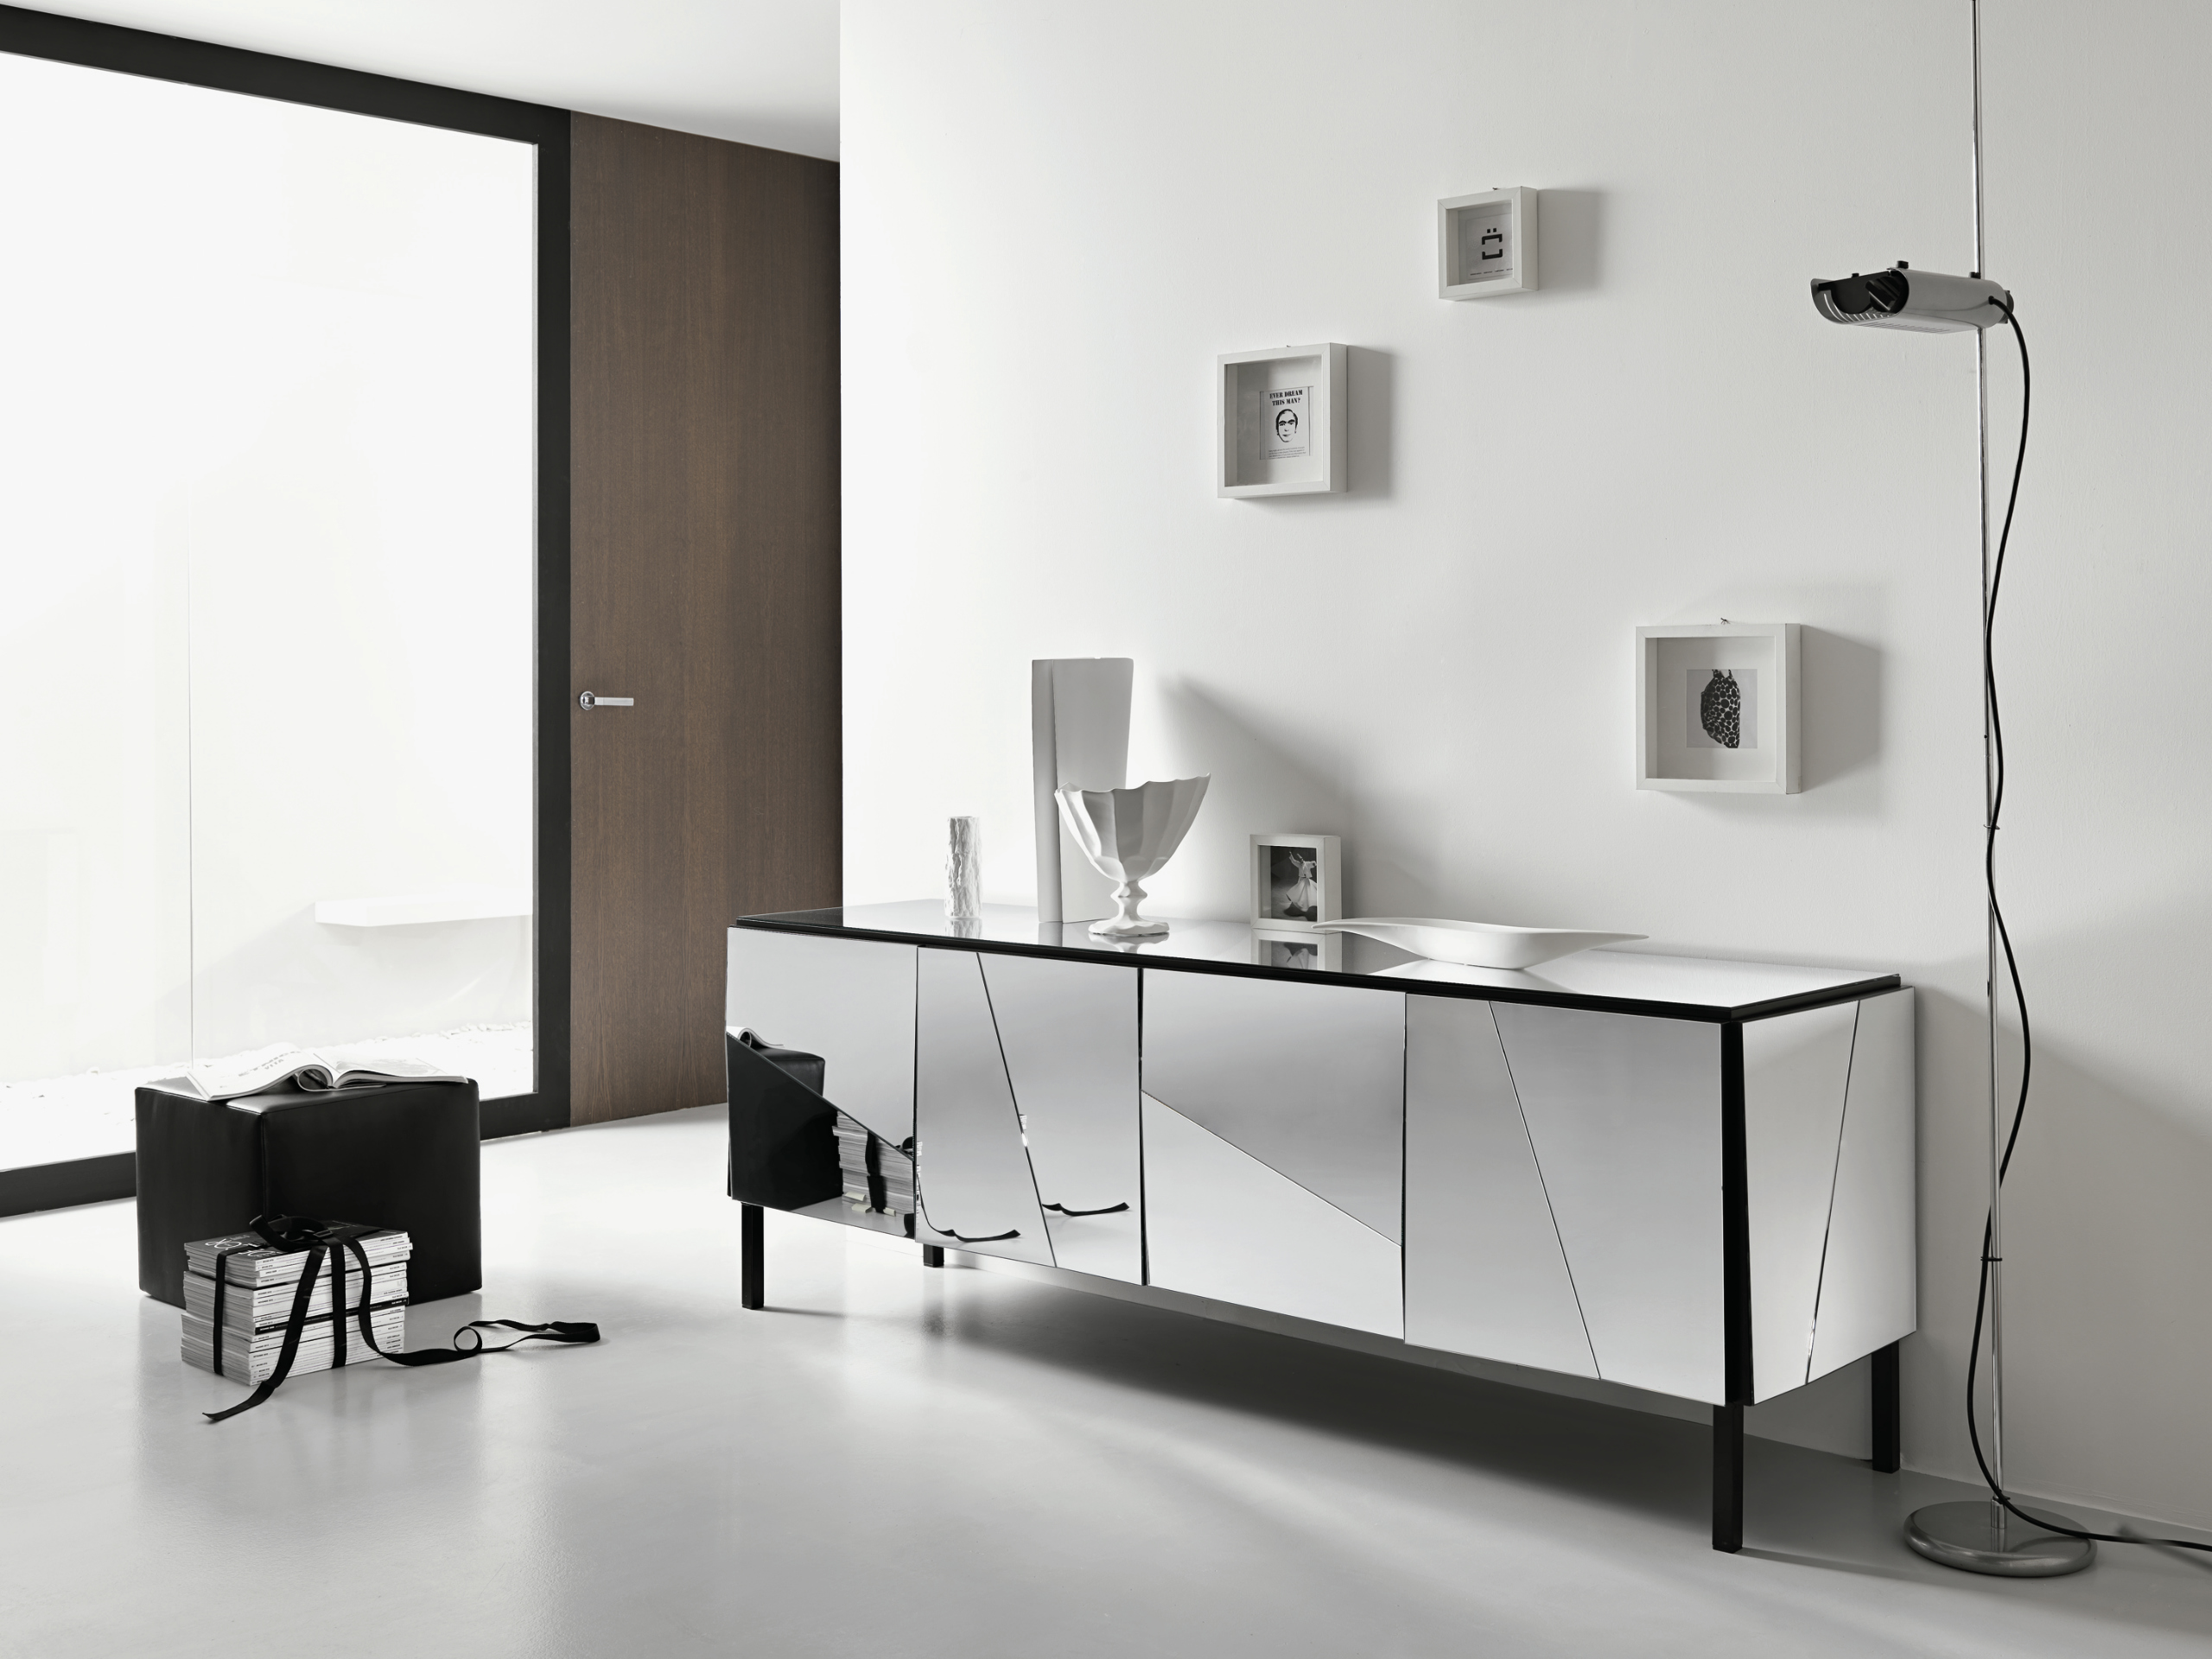 PSICHE Madia by T.D. Tonelli Design design Giovanni Tommaso Garattoni